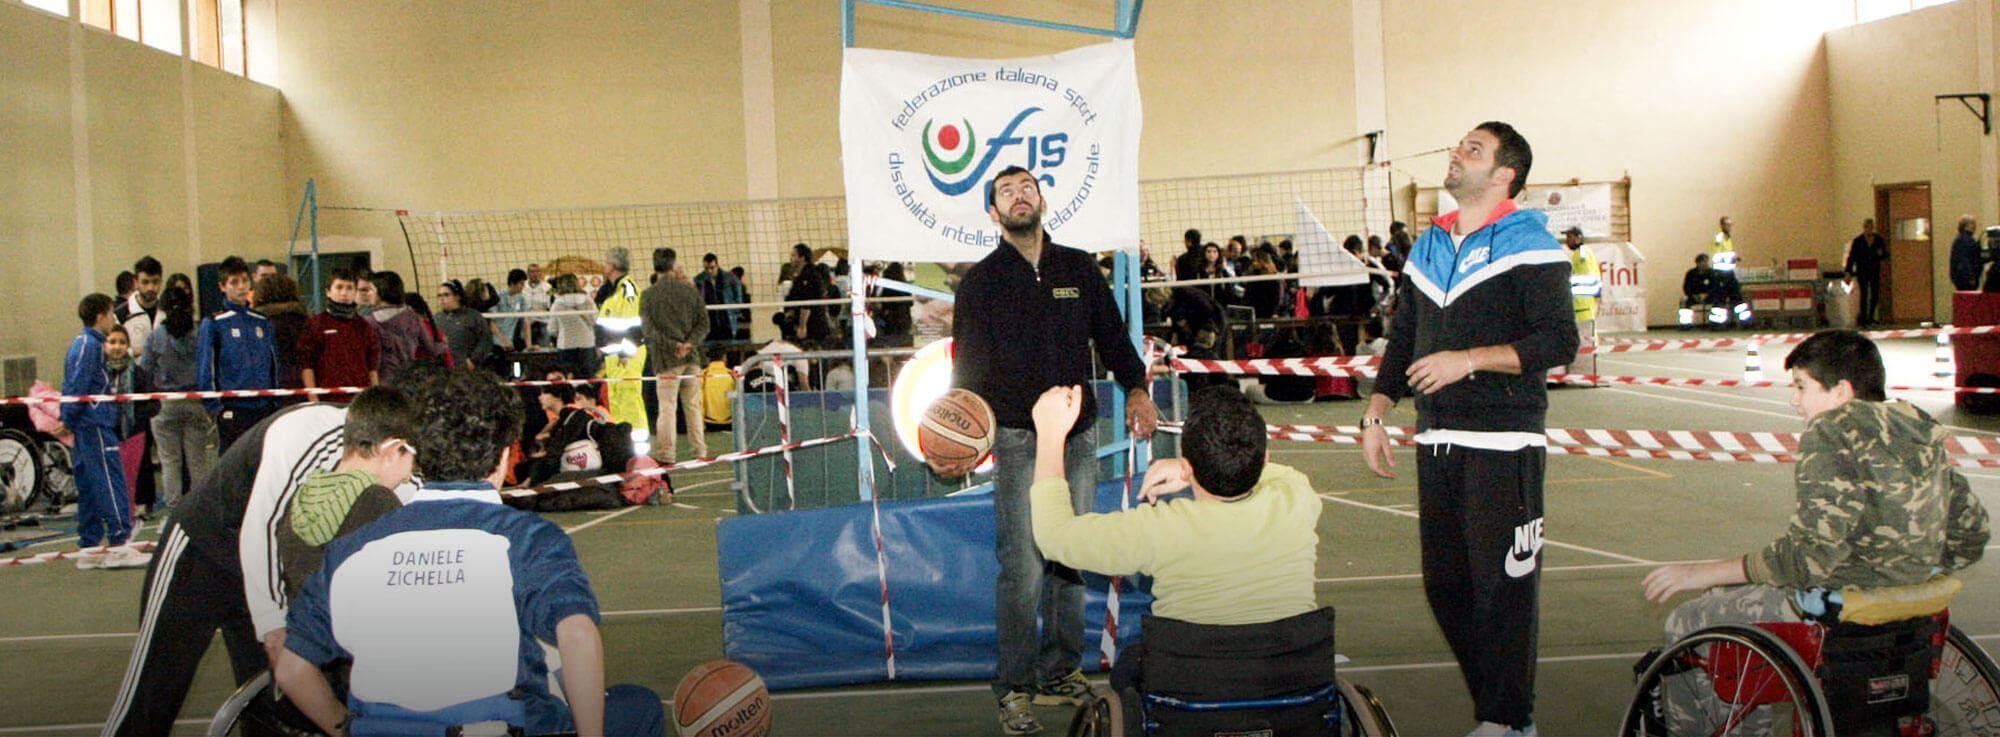 Foggia: Giornata nazionale dello Sport paralimpico